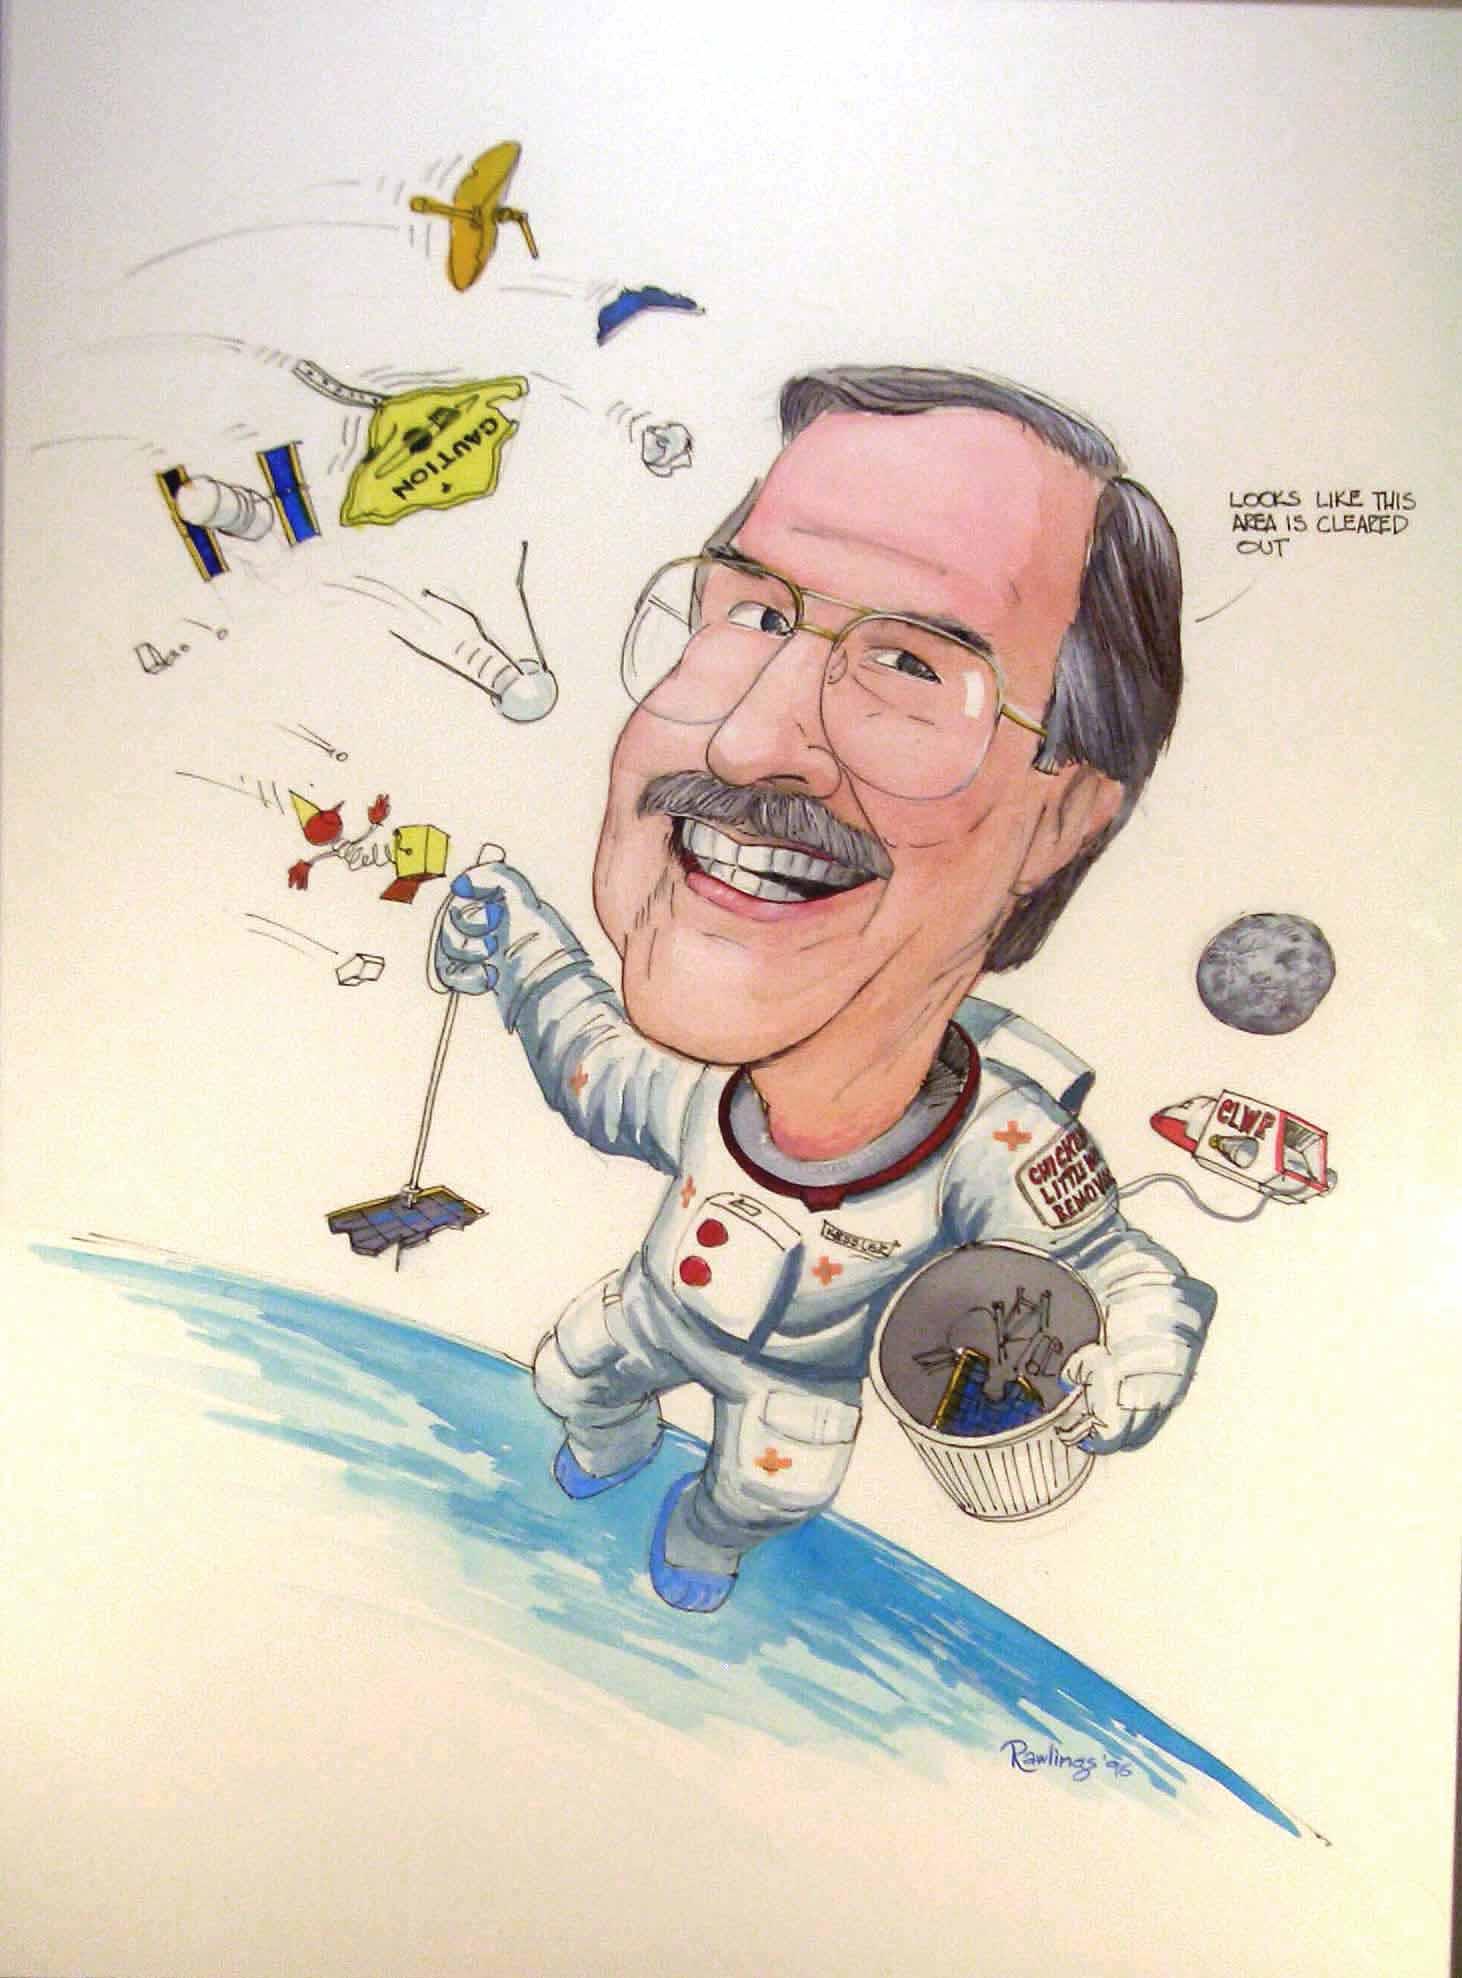 un space debris mitigation guidelines